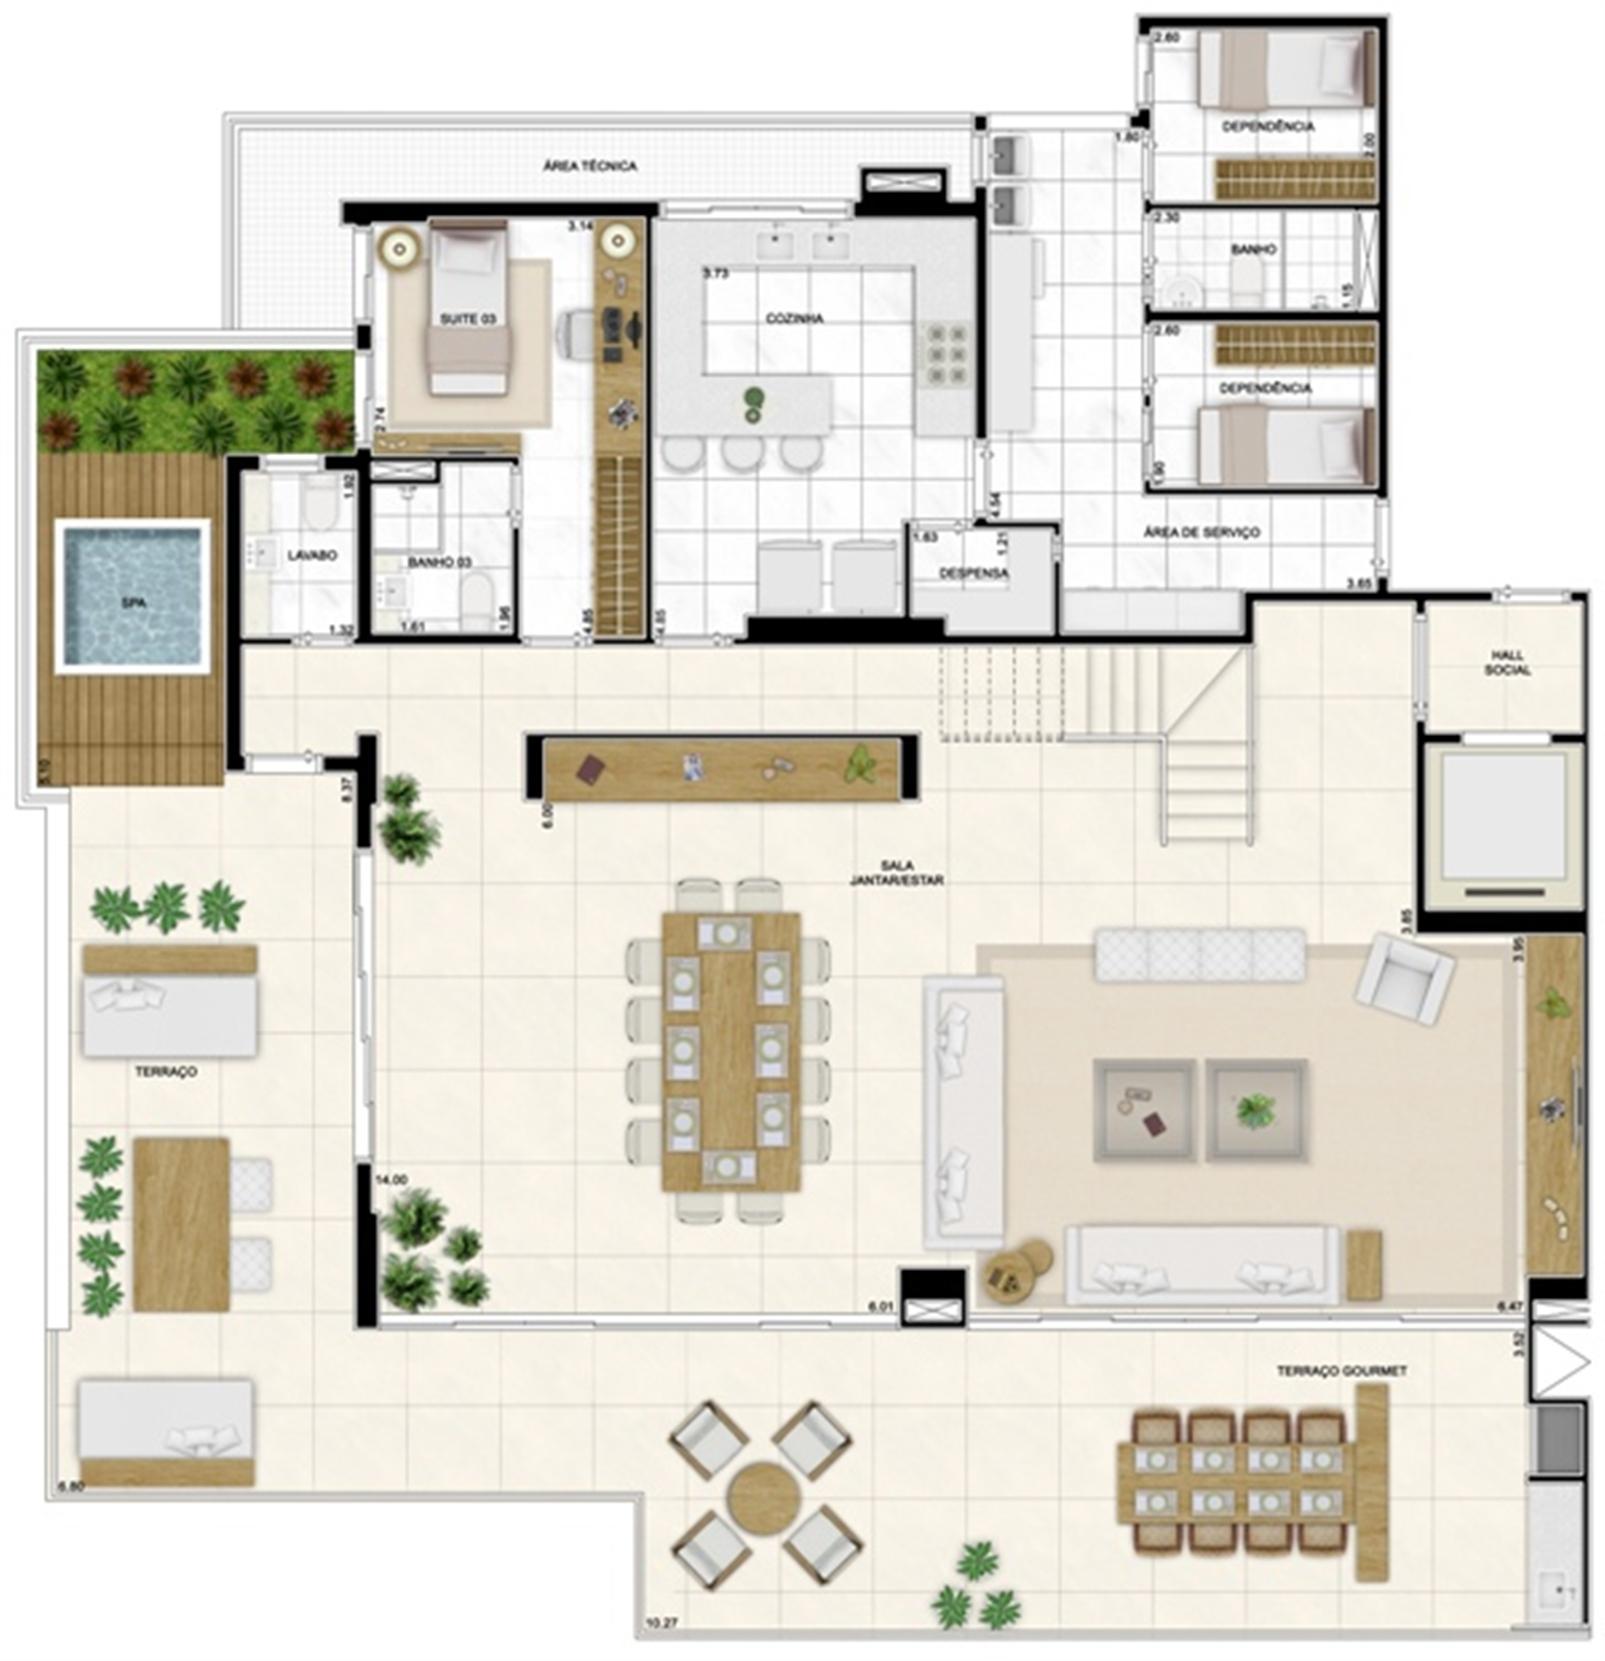 Planta Duplex Inferior 422m² | Infinity Areia Preta – Apartamentona  Areia Preta - Natal - Rio Grande do Norte